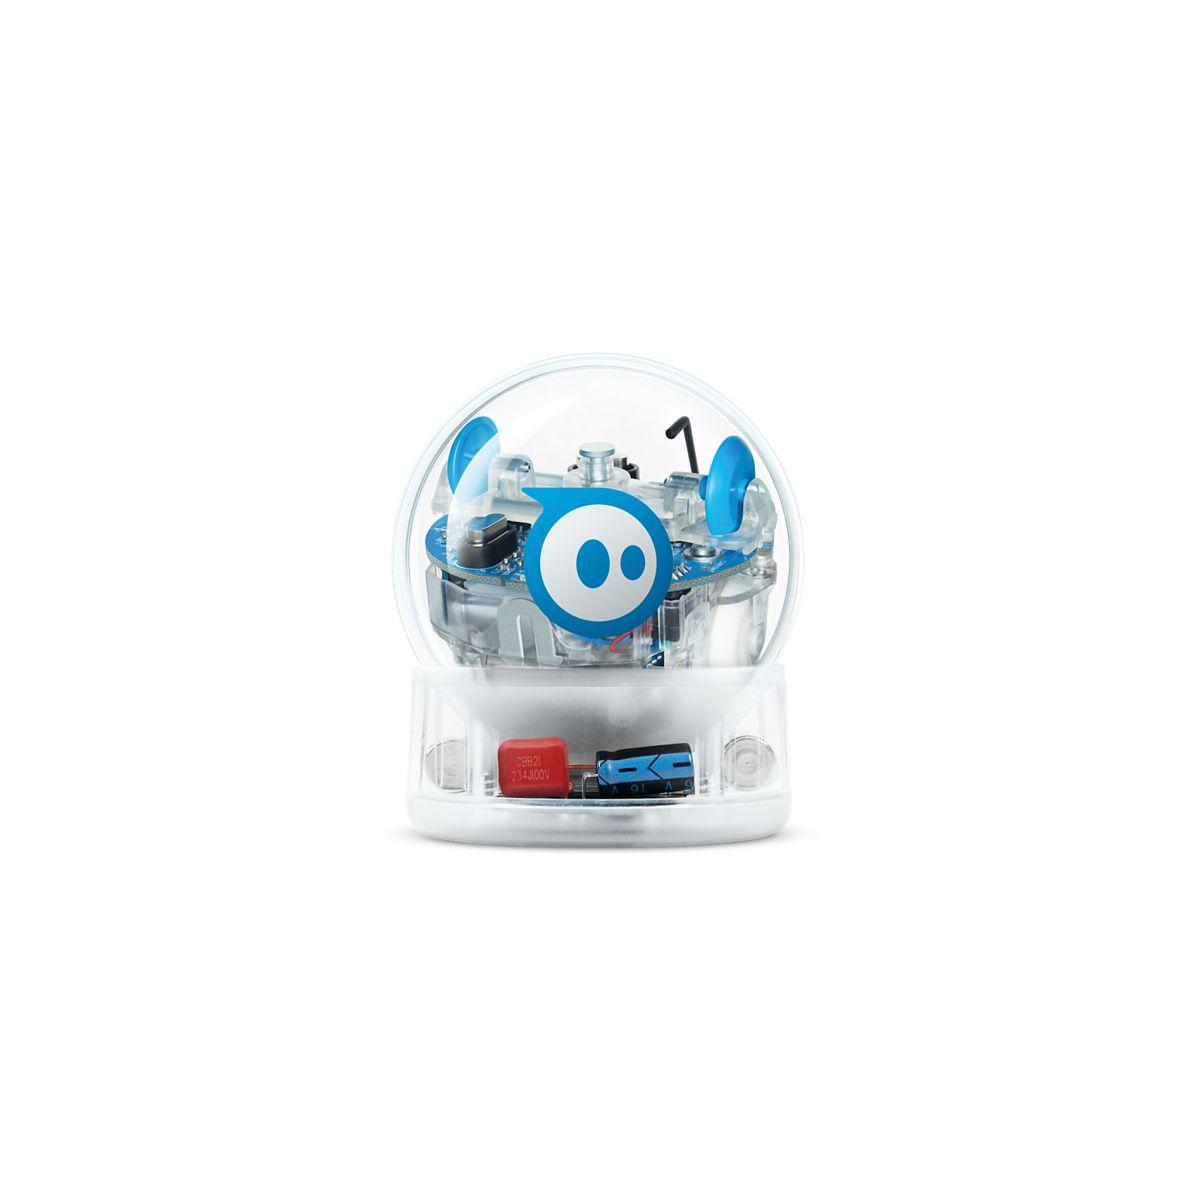 Robot programmable SPHERO SPRK+